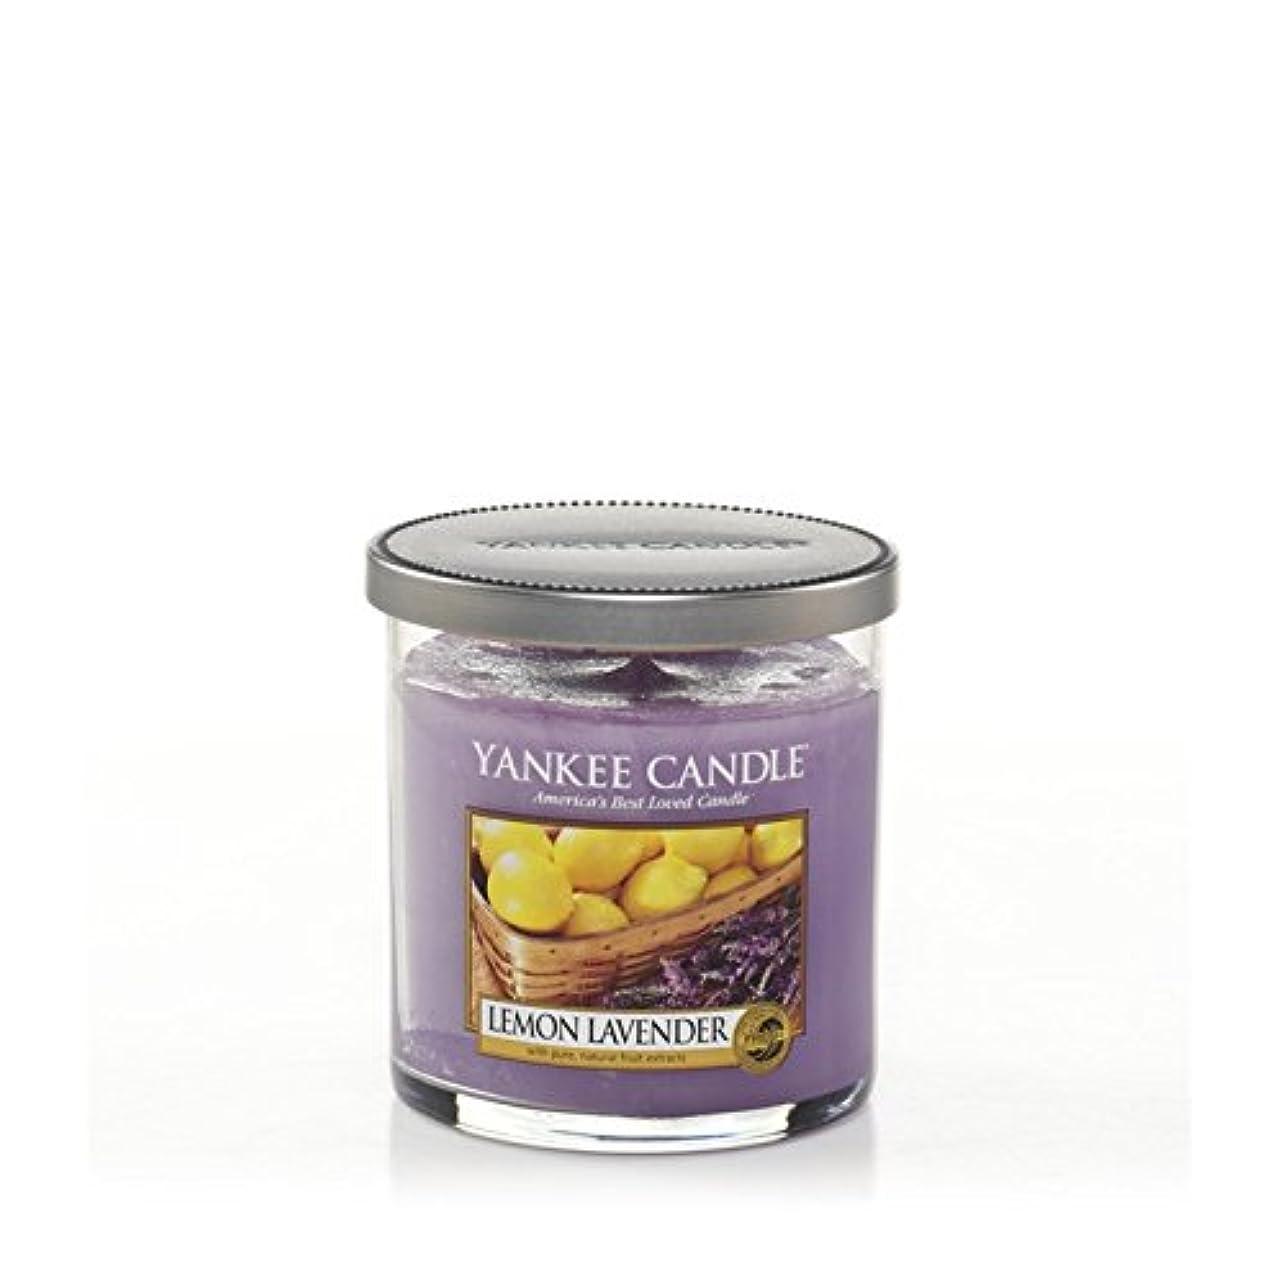 贅沢あいまい通常ヤンキーキャンドルの小さな柱キャンドル - レモンラベンダー - Yankee Candles Small Pillar Candle - Lemon Lavender (Yankee Candles) [並行輸入品]